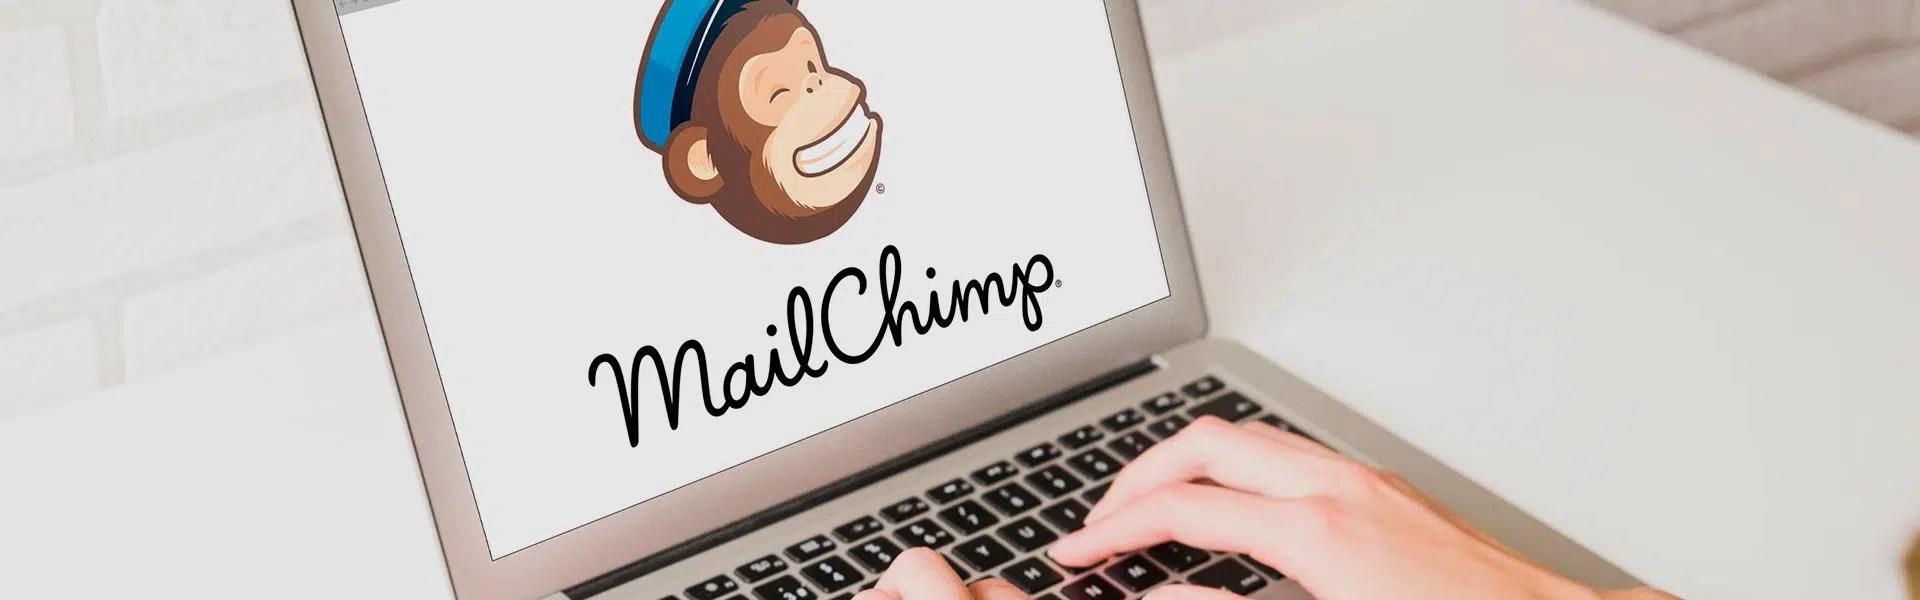 entrada-como-usar-mailchimp-y-cumplir-gdpr